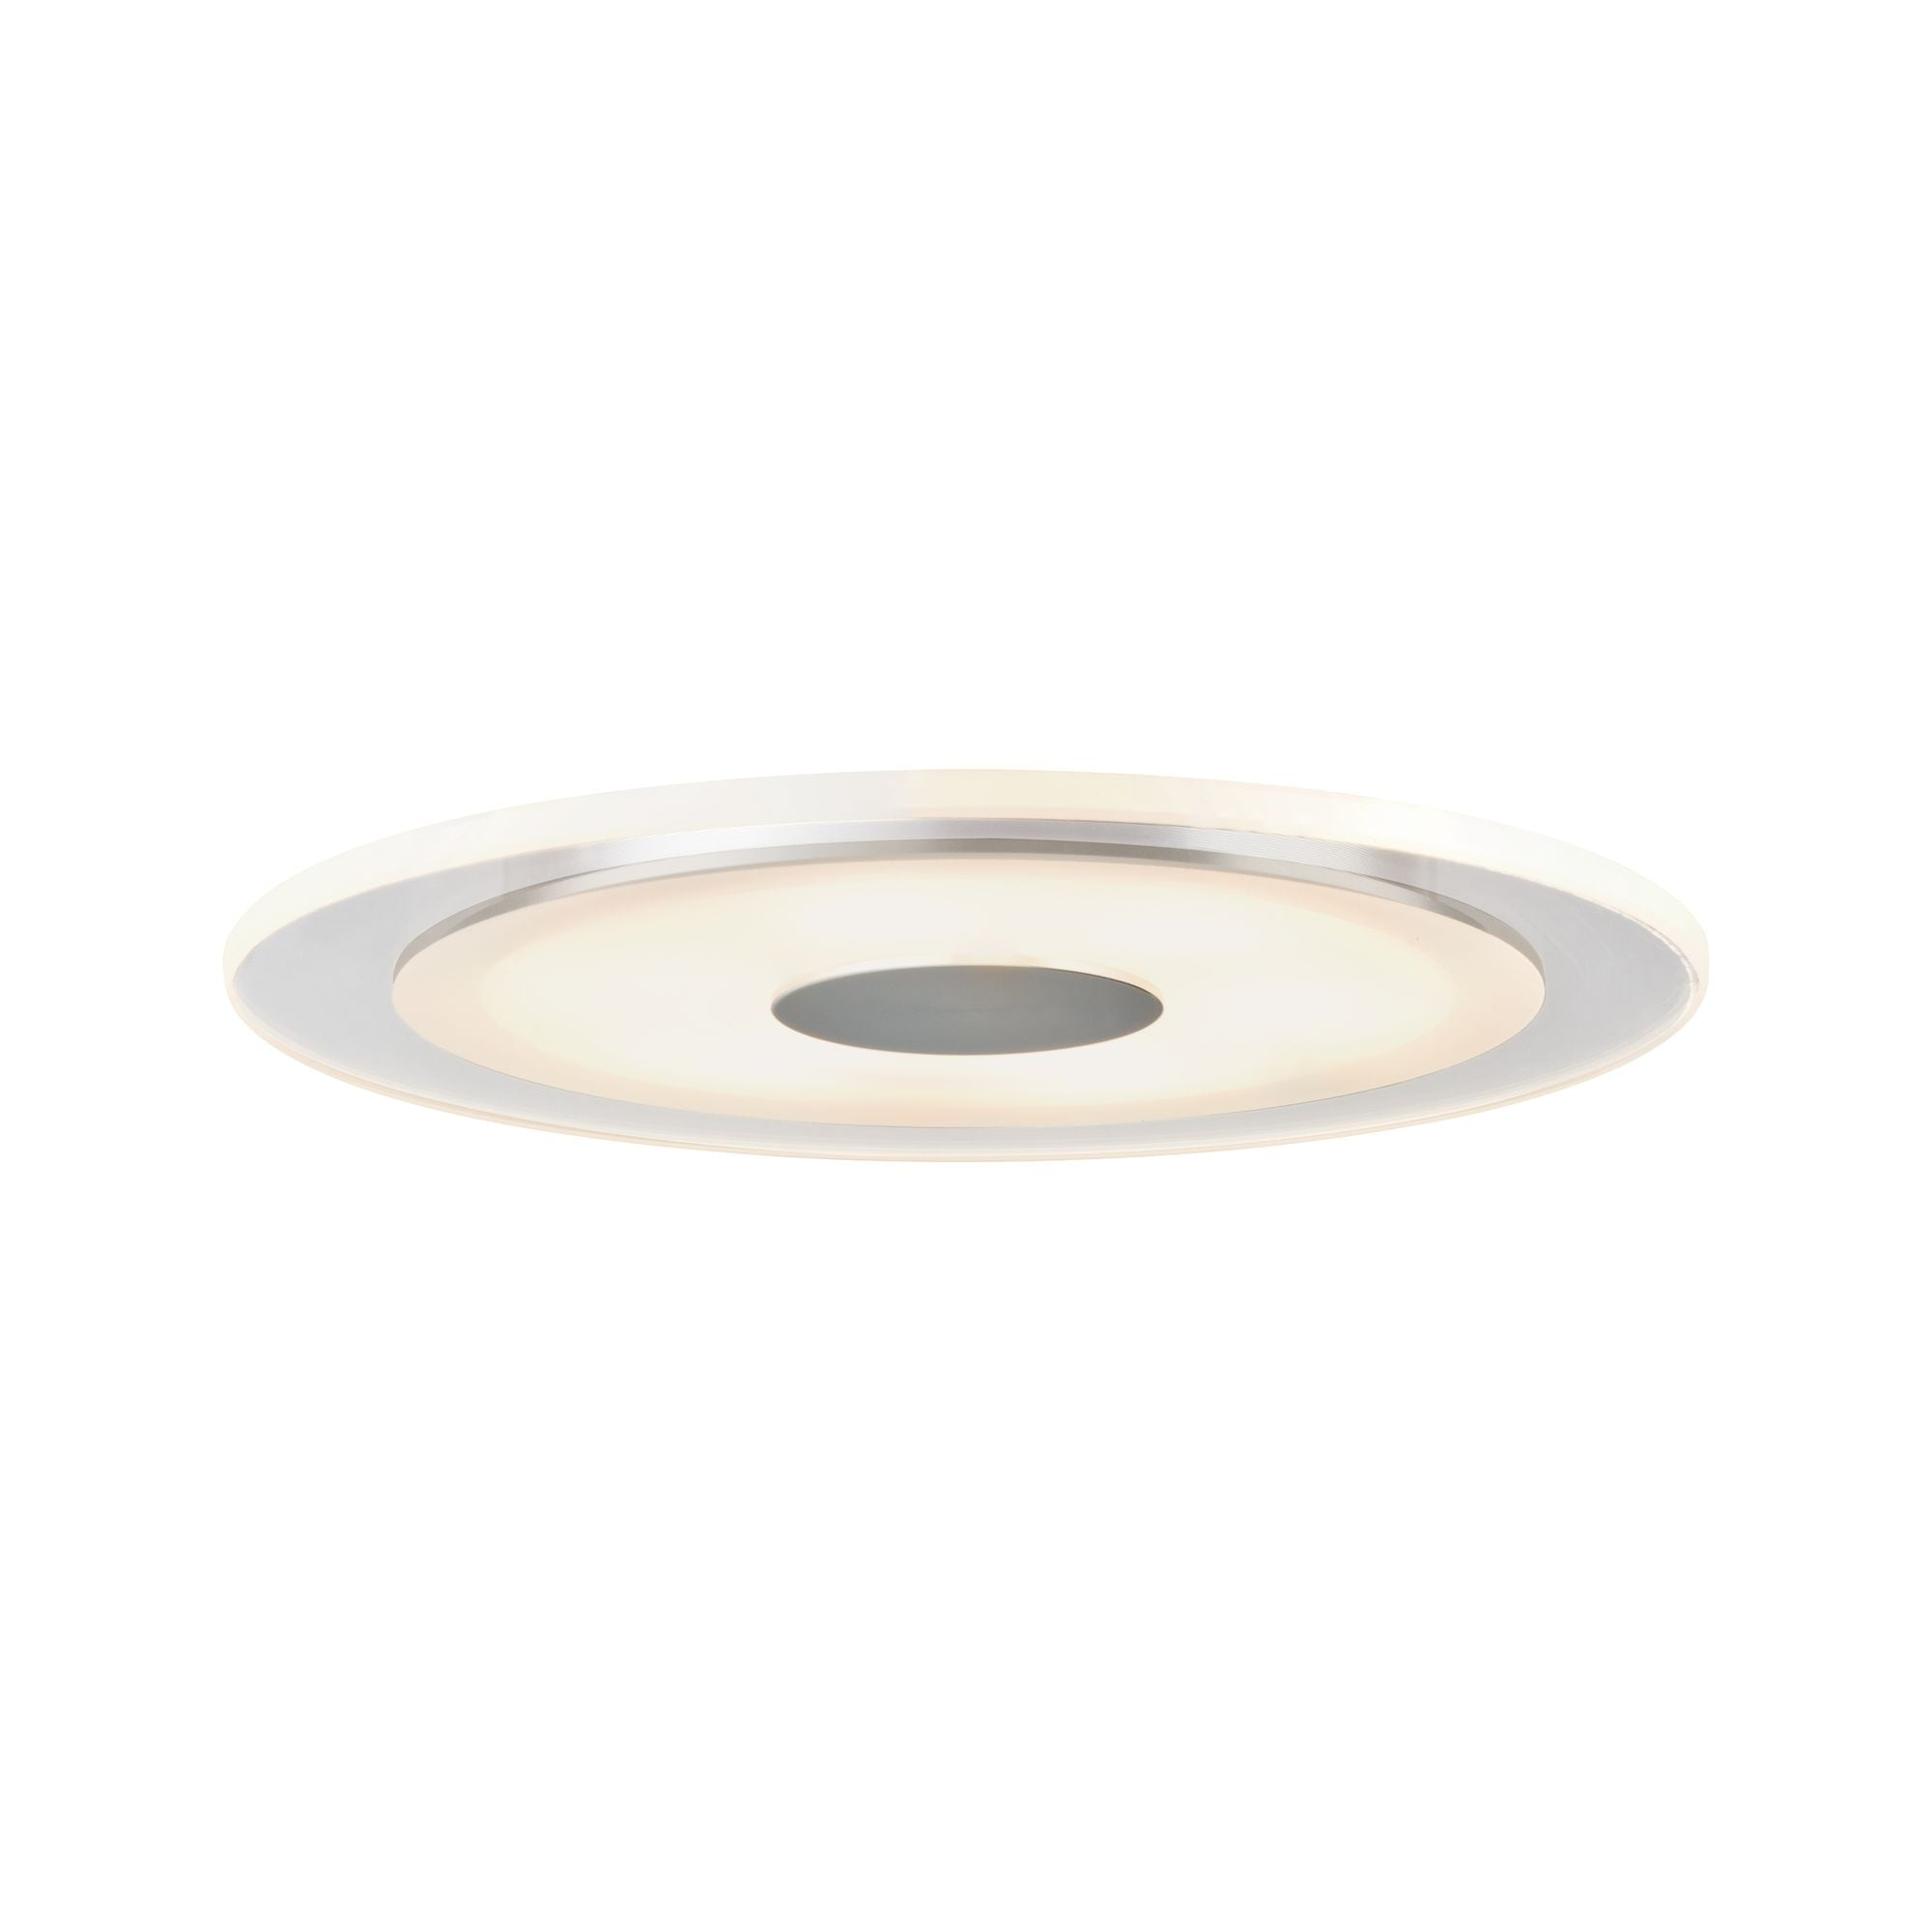 Paulmann LED Einbaustrahler 1er-Set modern Alu/Acryl Premium Line Whirl 6W Alu, Satin, 1 St., Warmweiß